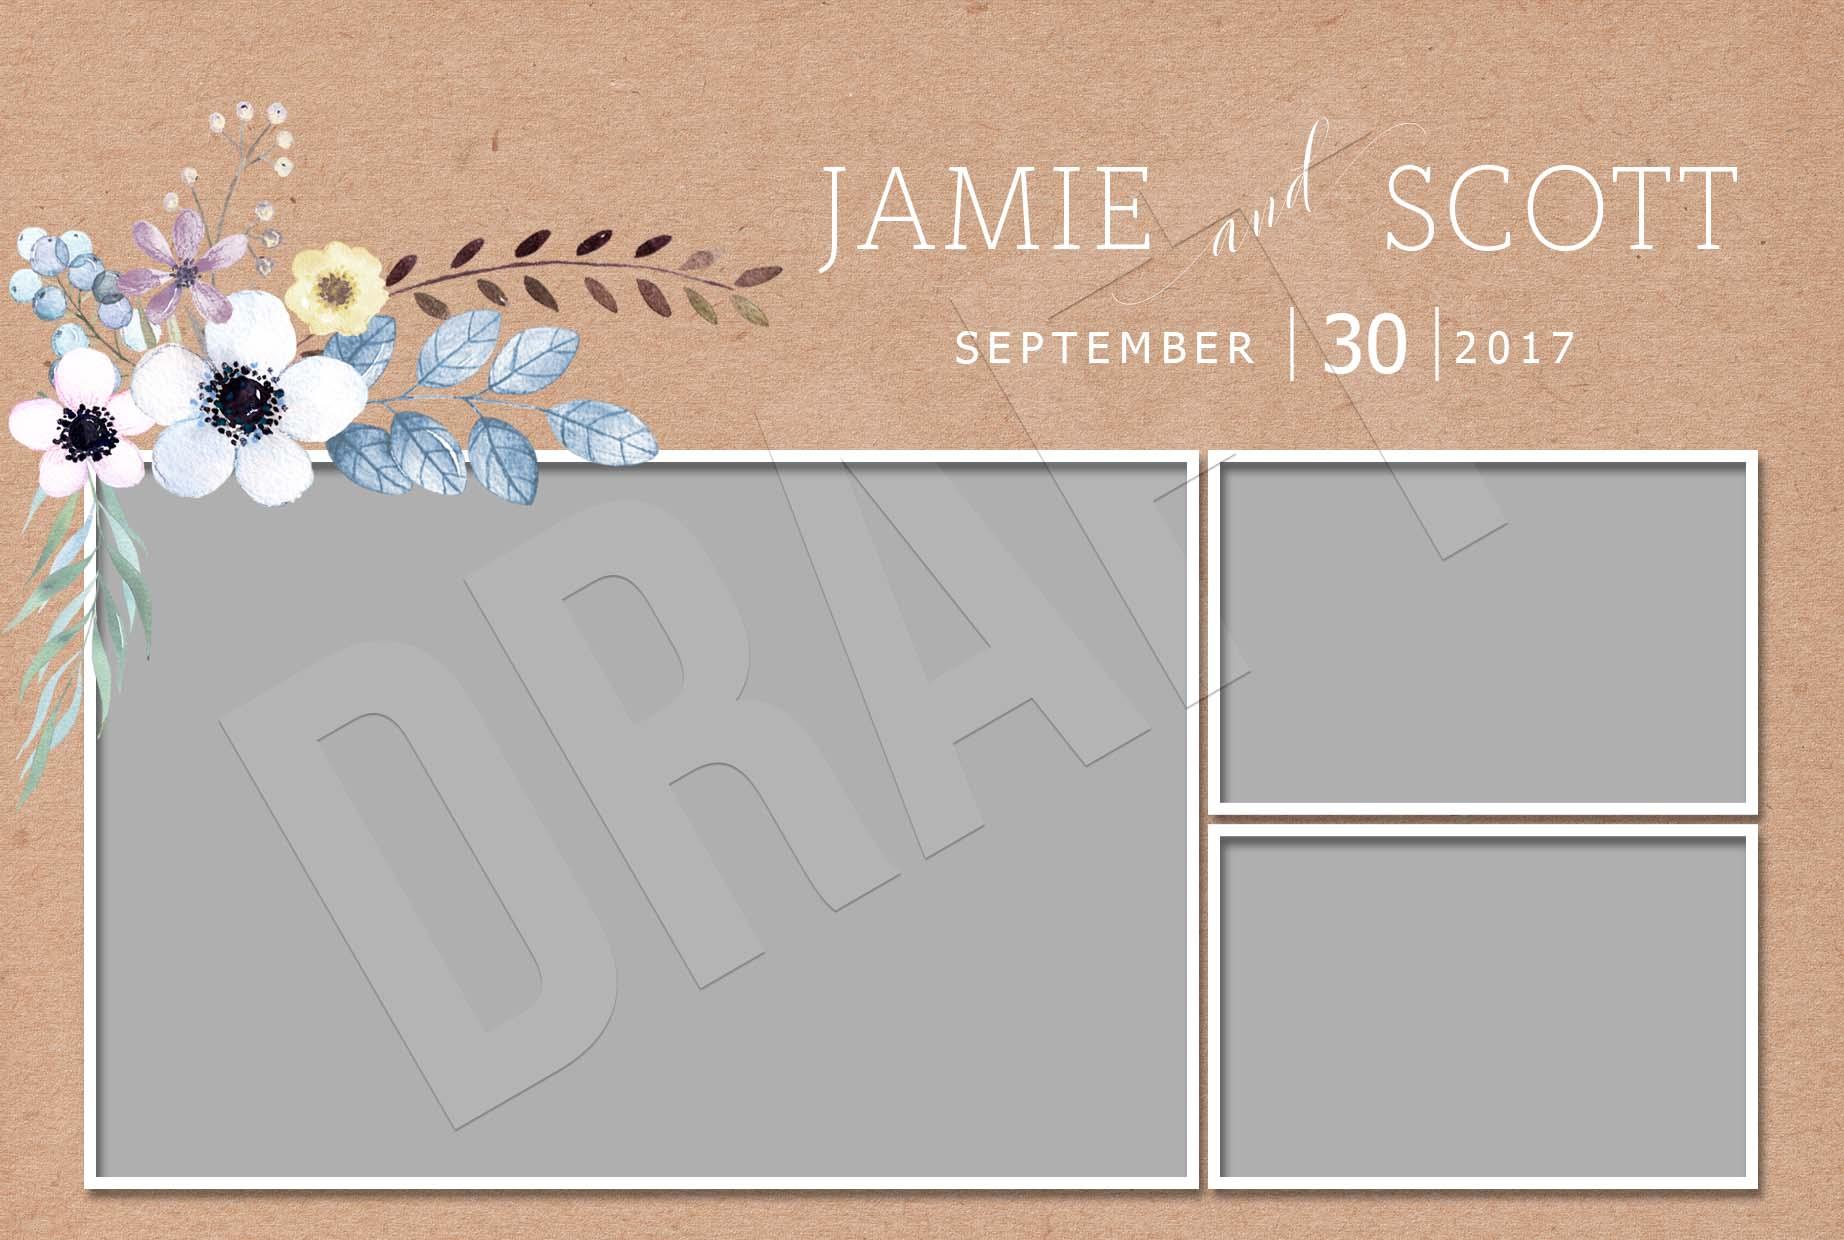 JamieScott